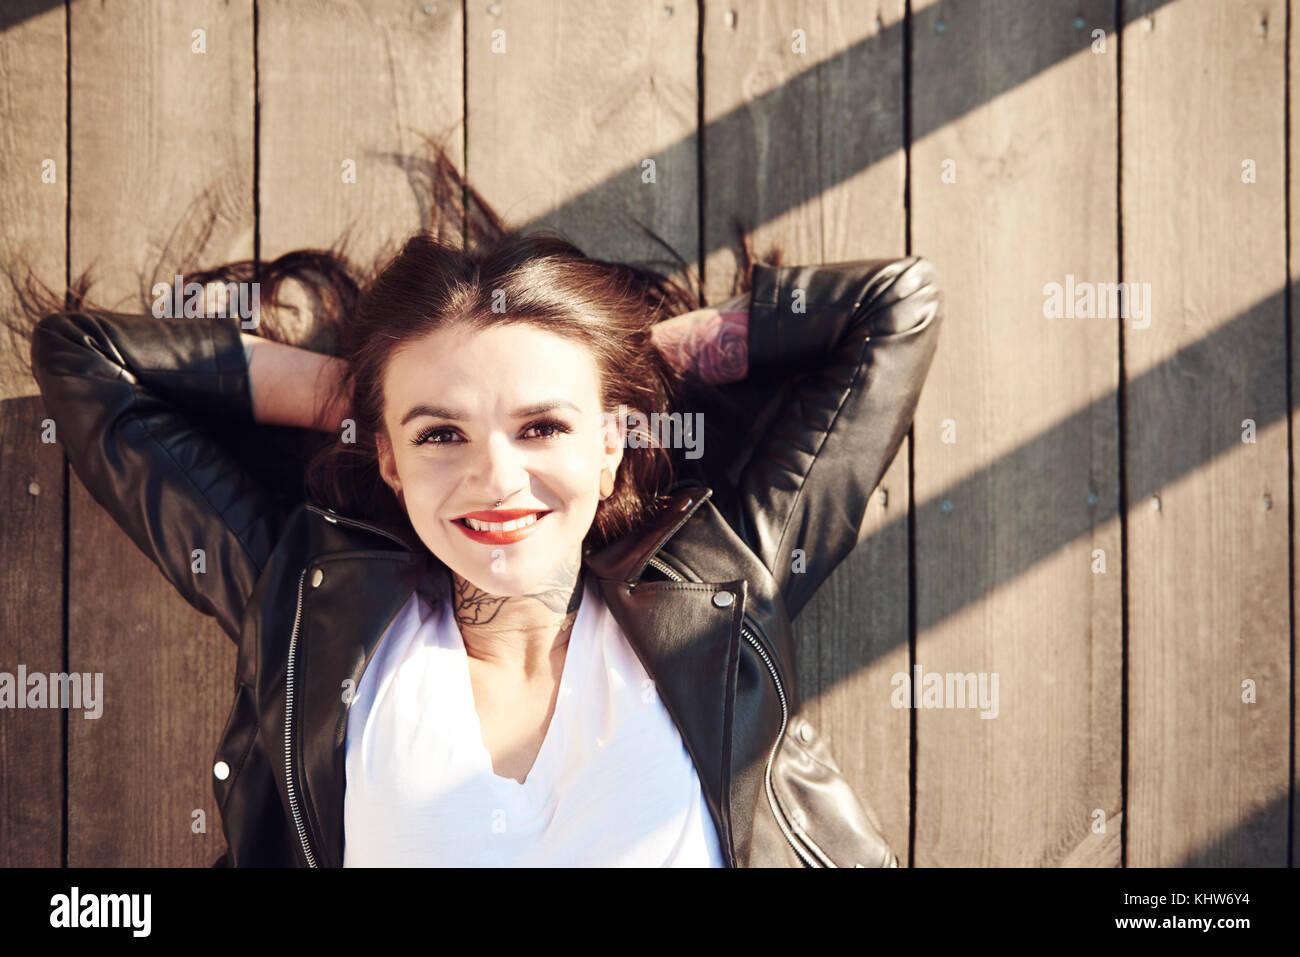 Retrato de mujer joven tumbado en madera, con las manos detrás de la cabeza, sonriendo, vista superior Imagen De Stock